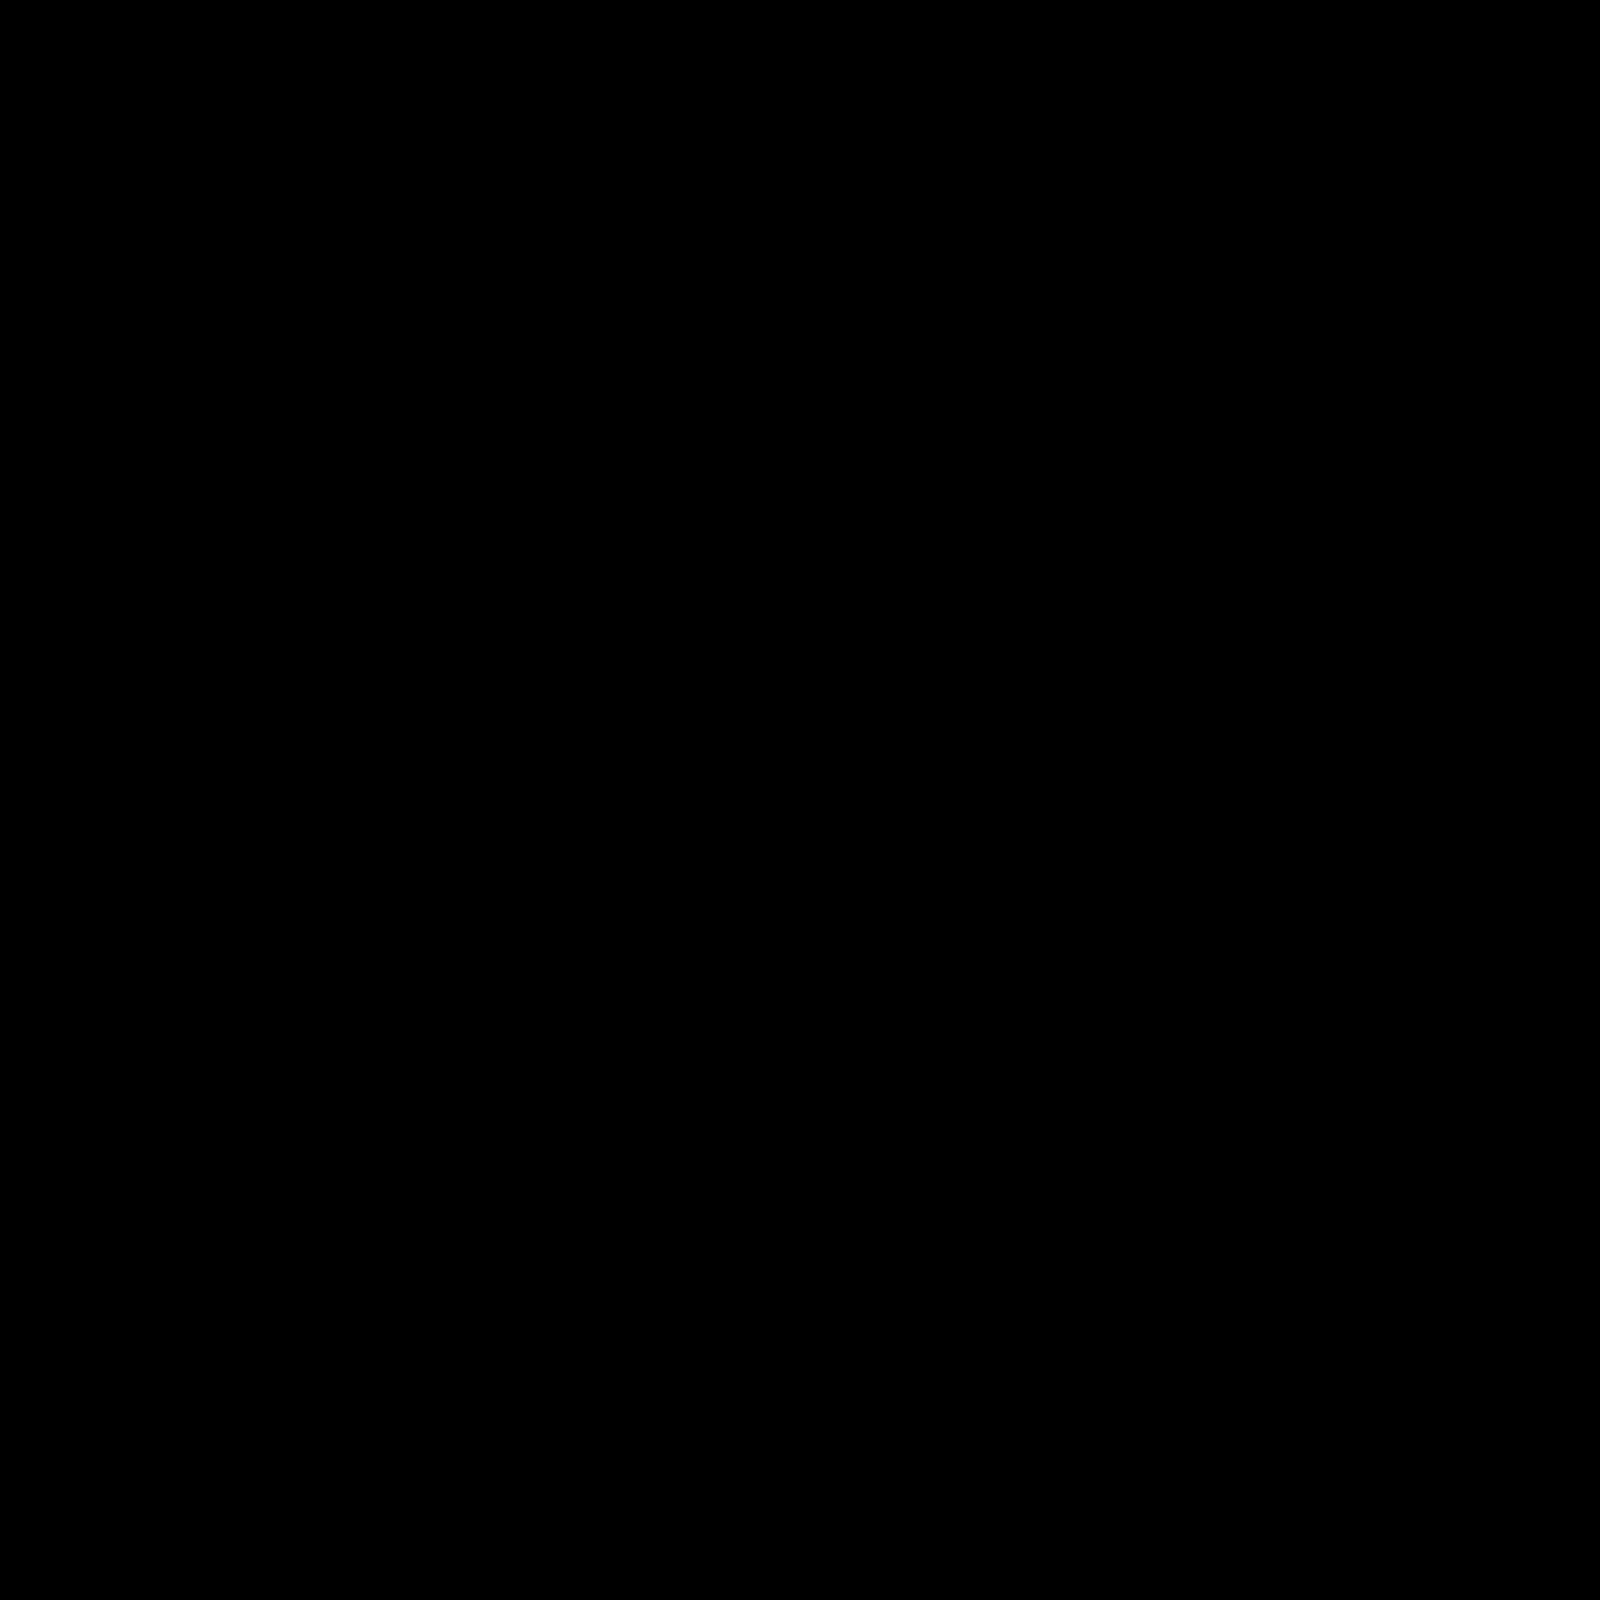 交通 icon. It's a logo for transportation, and is the front of a vehicle. Two circles are placed onto a rectangle, representing headlights, and two stubs sit at either end of the bottom of the rectangle to represent wheels. On top of the rectangle is a rounded rectangle for the cab.